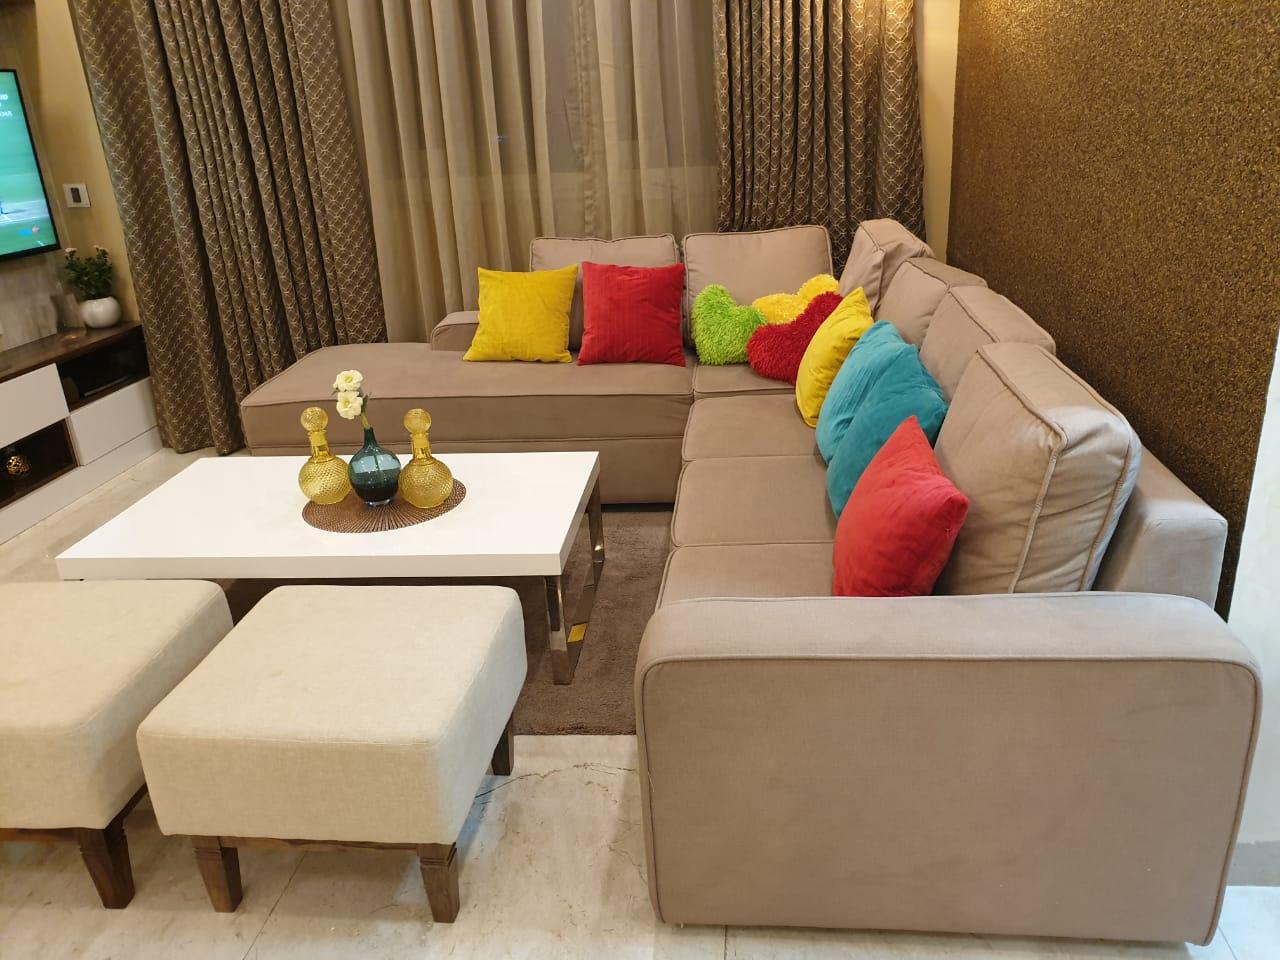 Mrs. Sonam Apartment in Gurugram